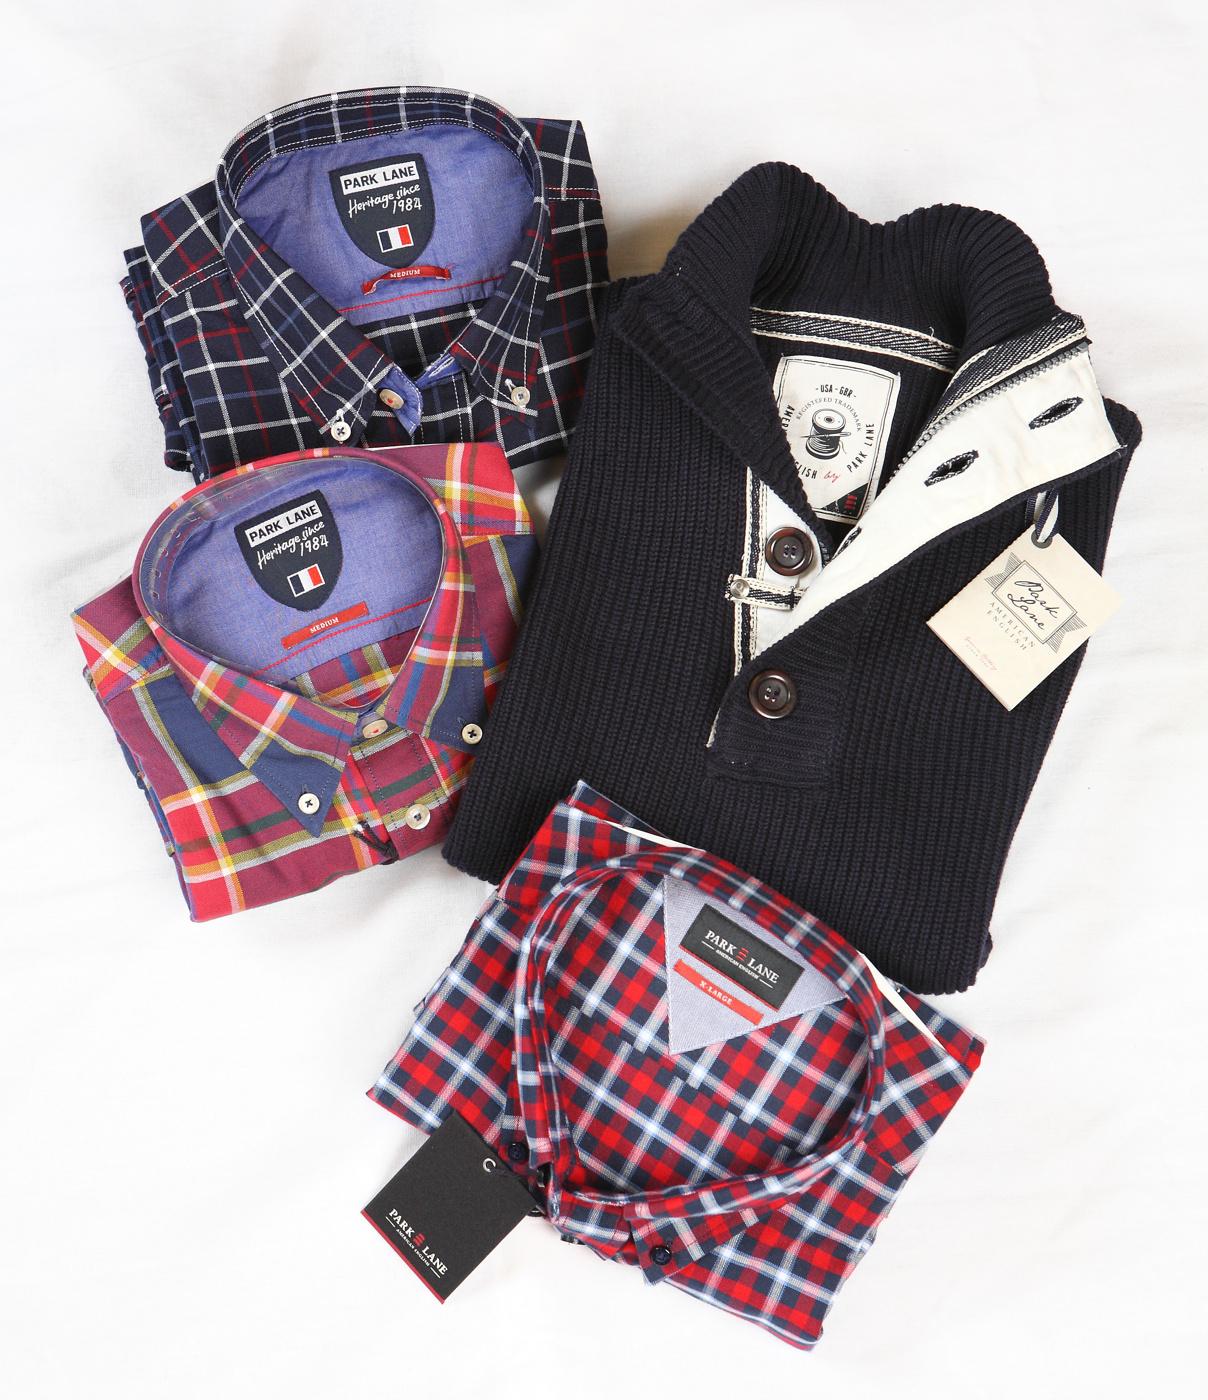 sexiga kläder för män transa göteborg